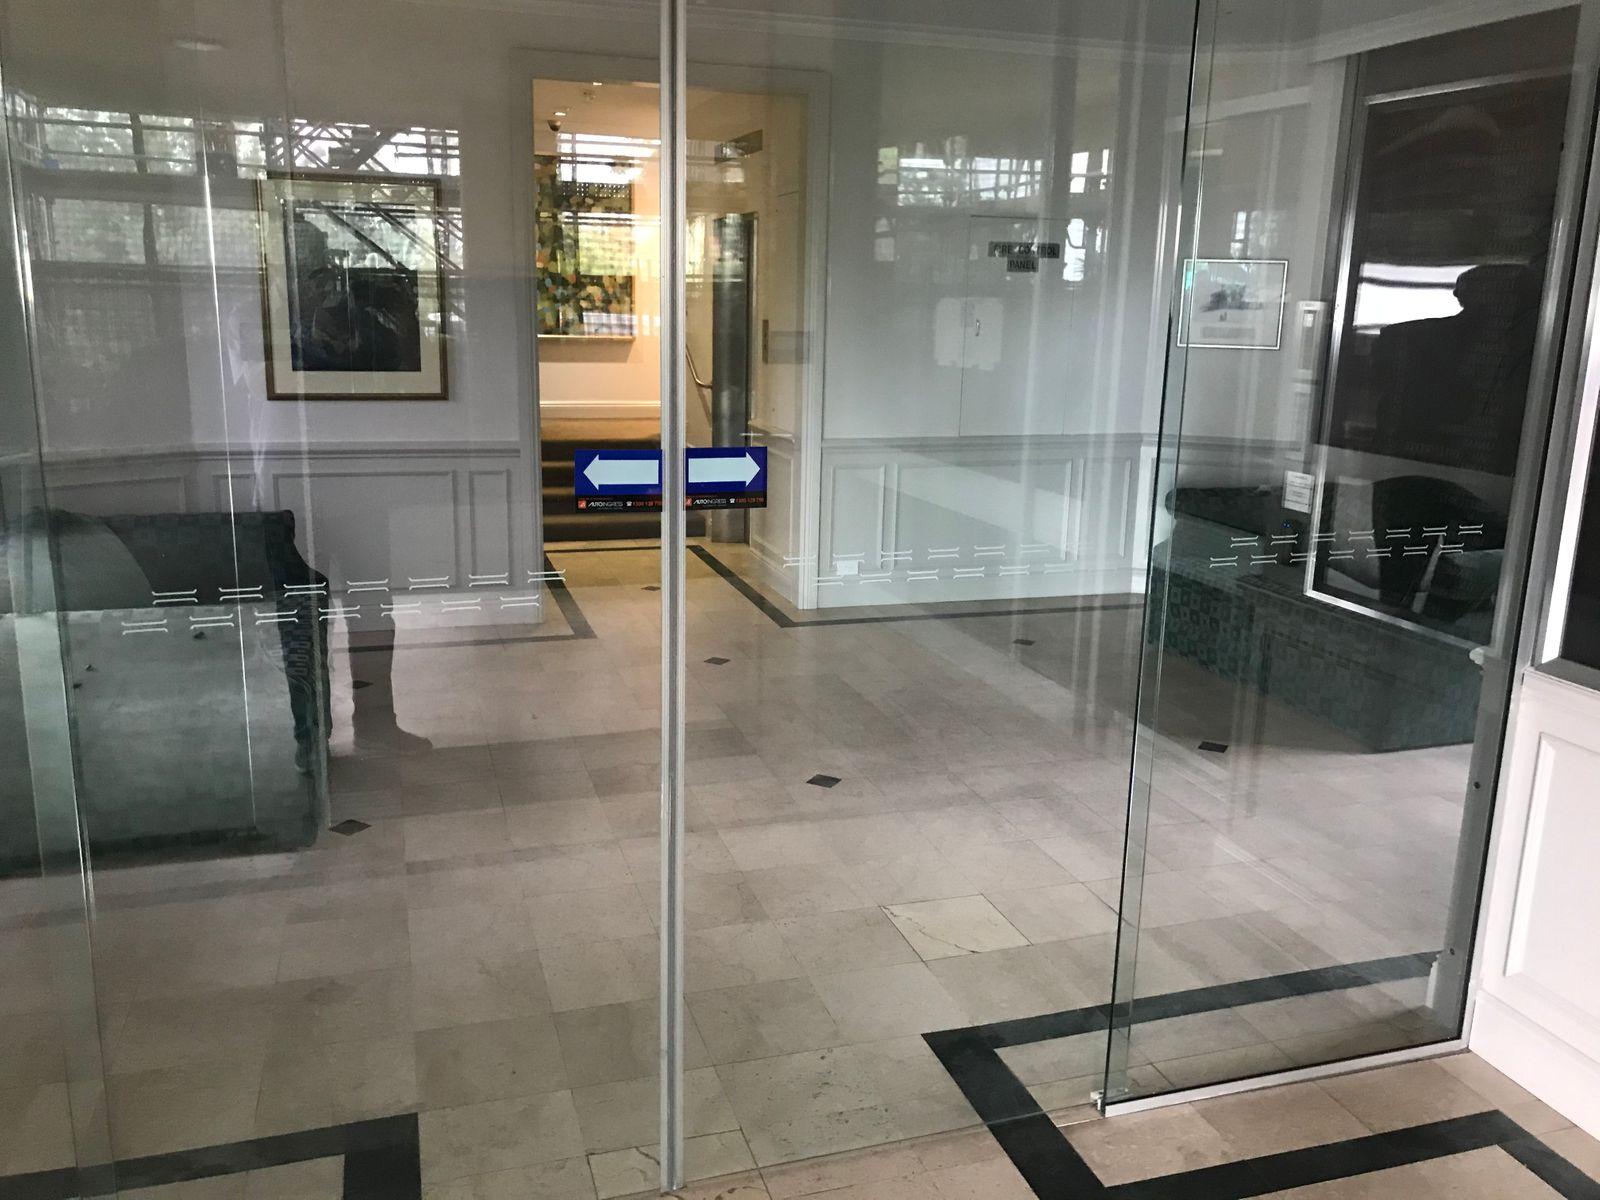 39/6 Trelawney Street, Woollahra, NSW 2025